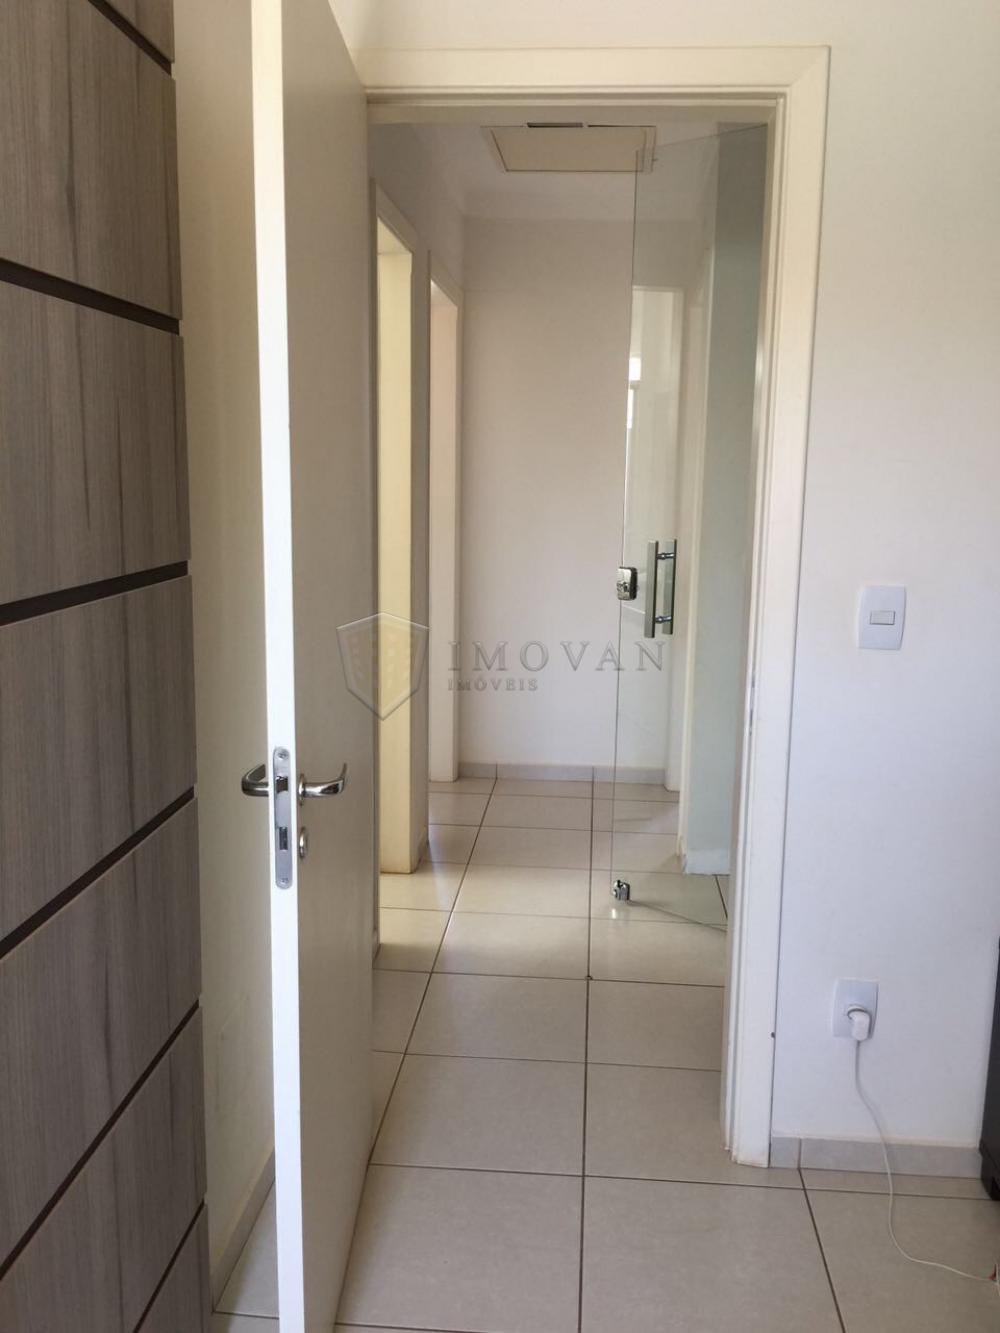 Comprar Casa / Condomínio em Ribeirão Preto R$ 730.000,00 - Foto 26